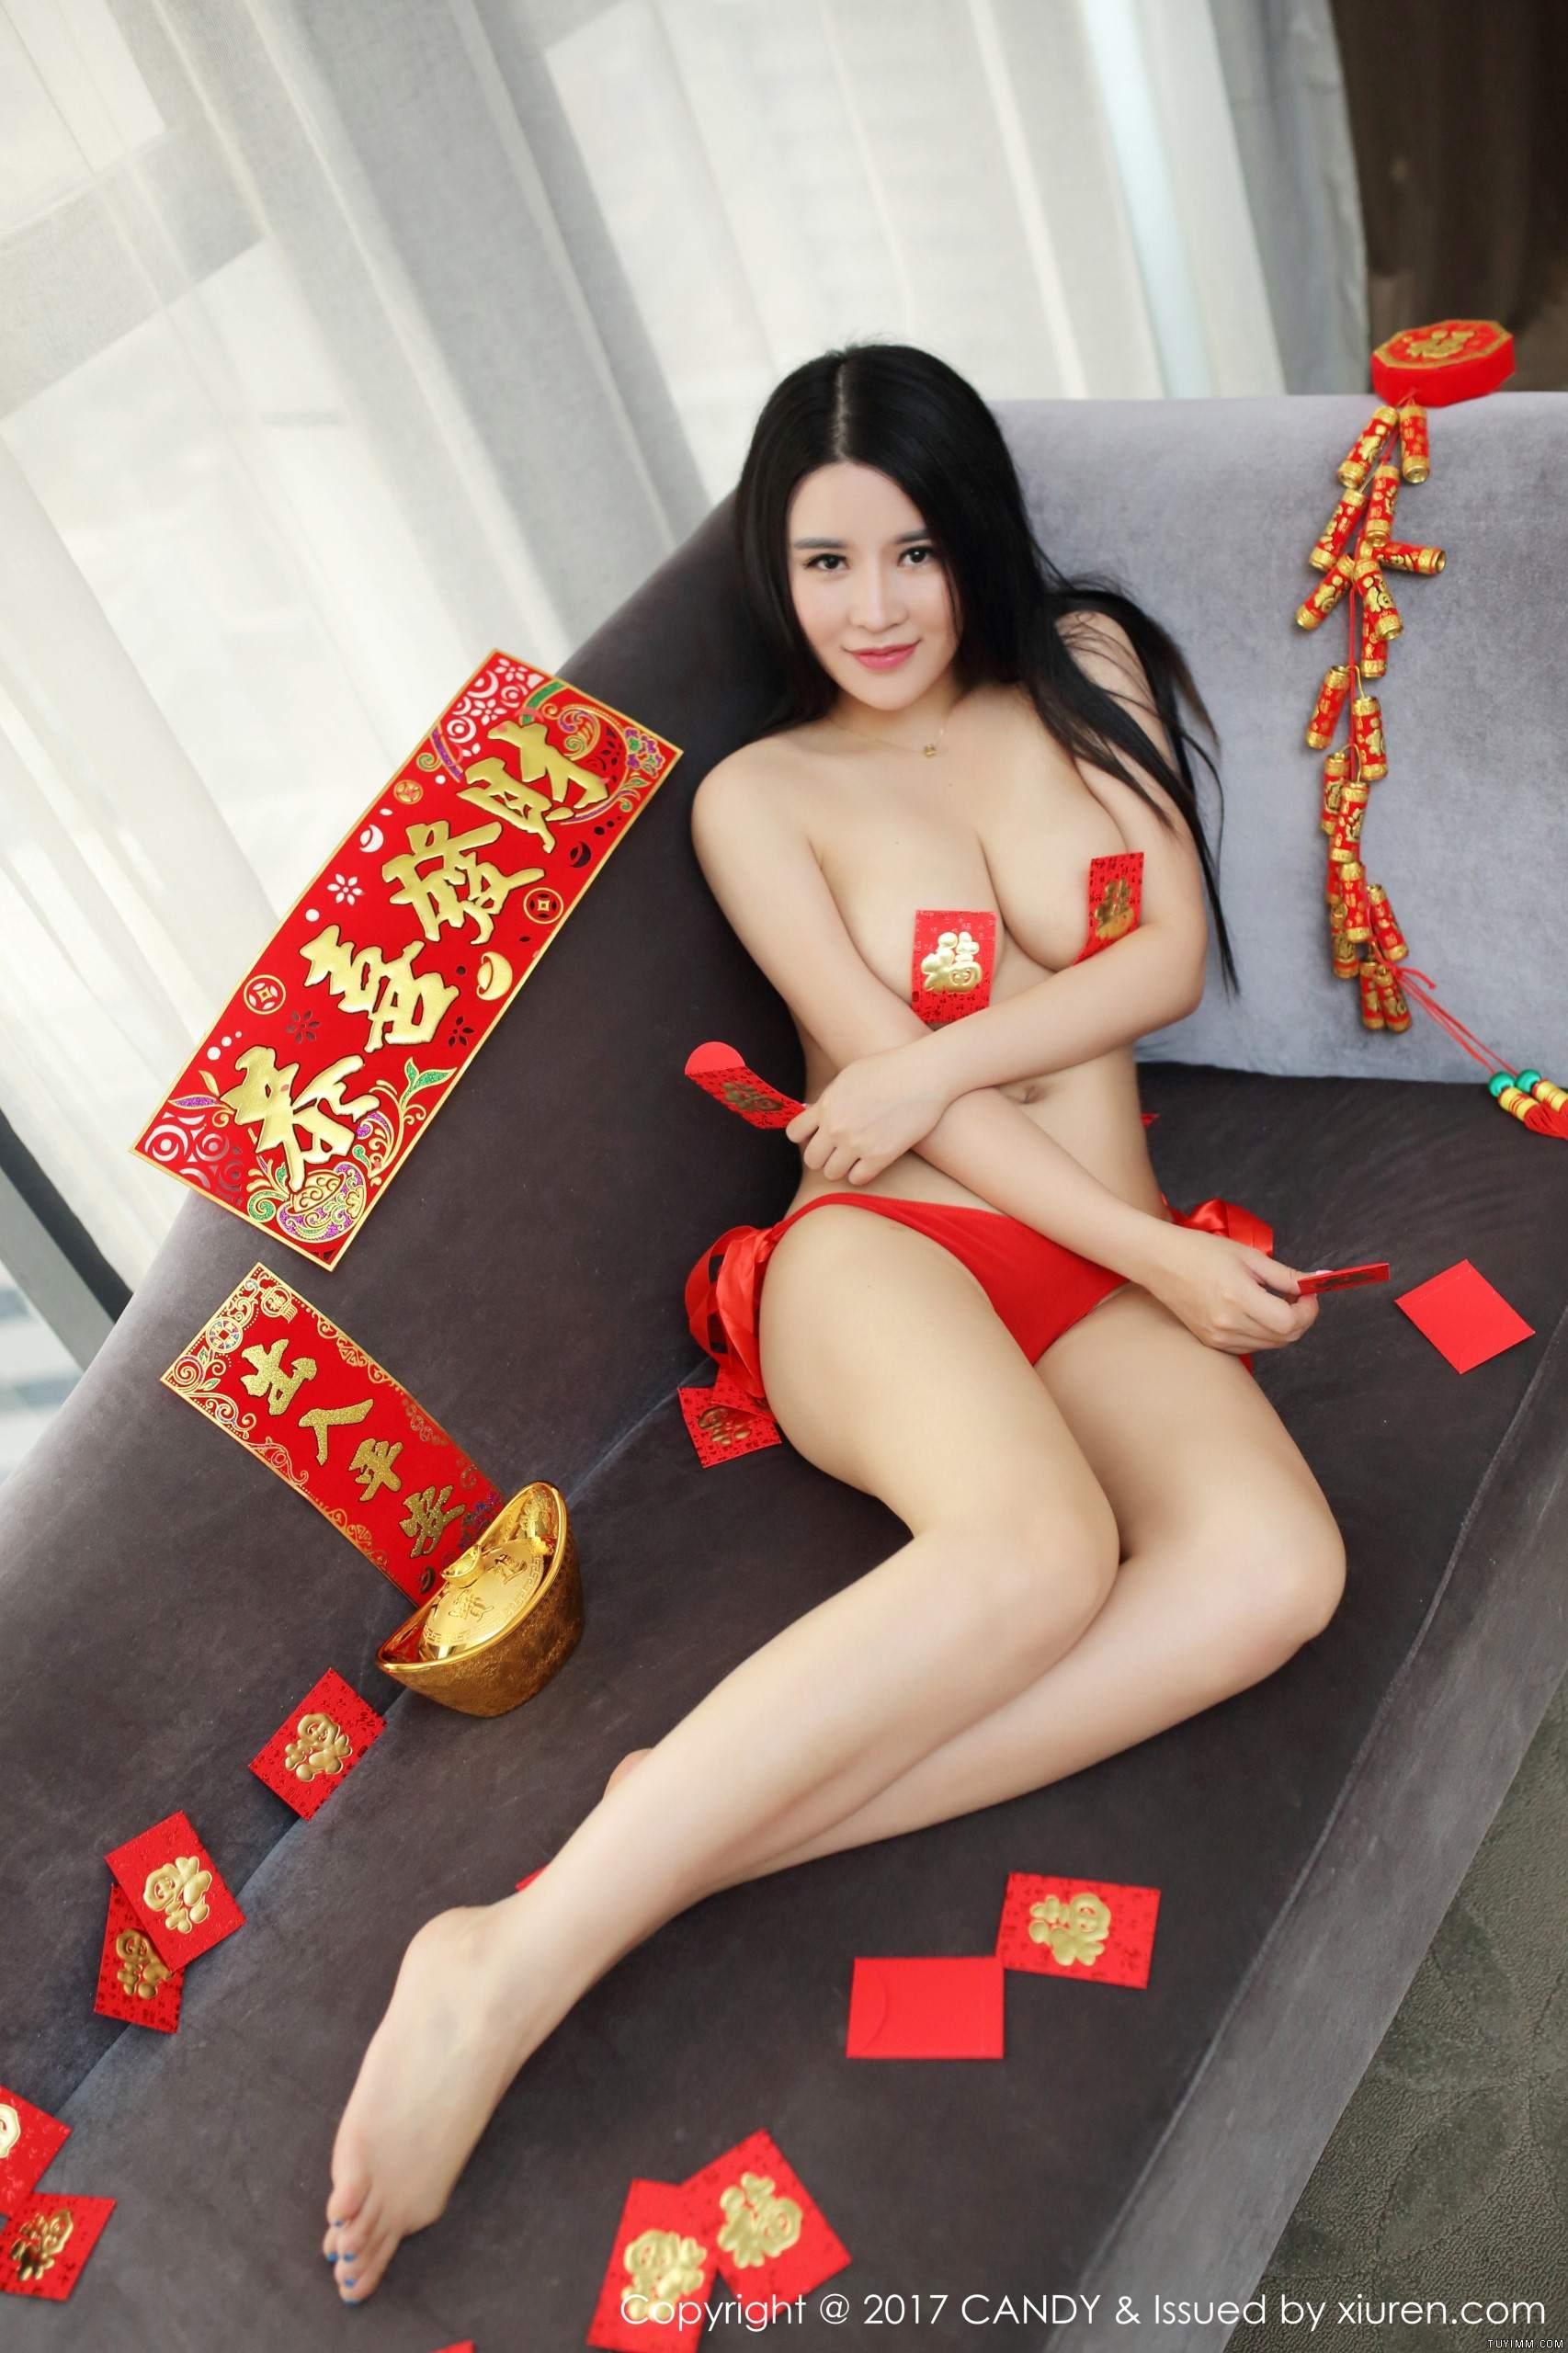 """[福利]红女郎的""""小刀娱乐资源网""""-第8张图片-哔哔娱乐网"""